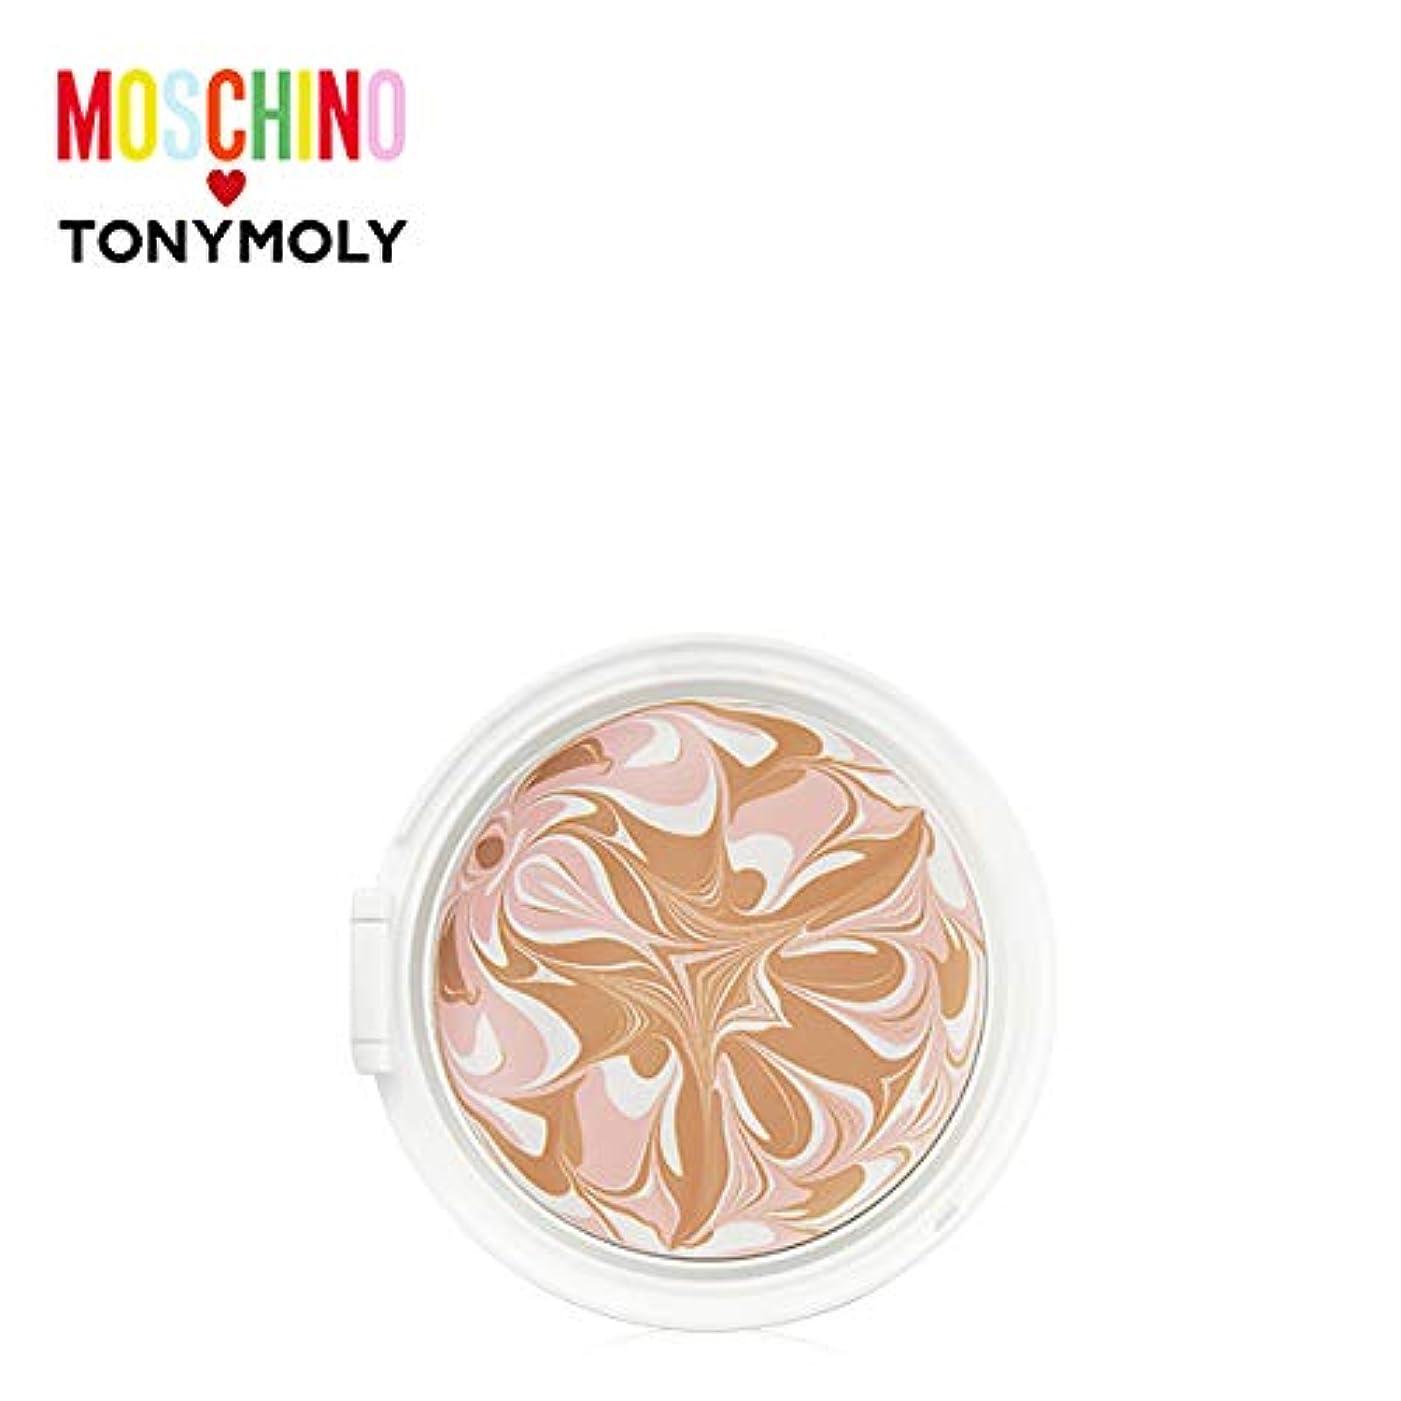 ヒット不利会計TONYMOLY [MOSCHINO] Chic Skin Essence Pact -Refill #01 CHIC VANILLA トニーモリー [モスキーノ] シック スキン エッセンス パクト -リフィル [詰め...